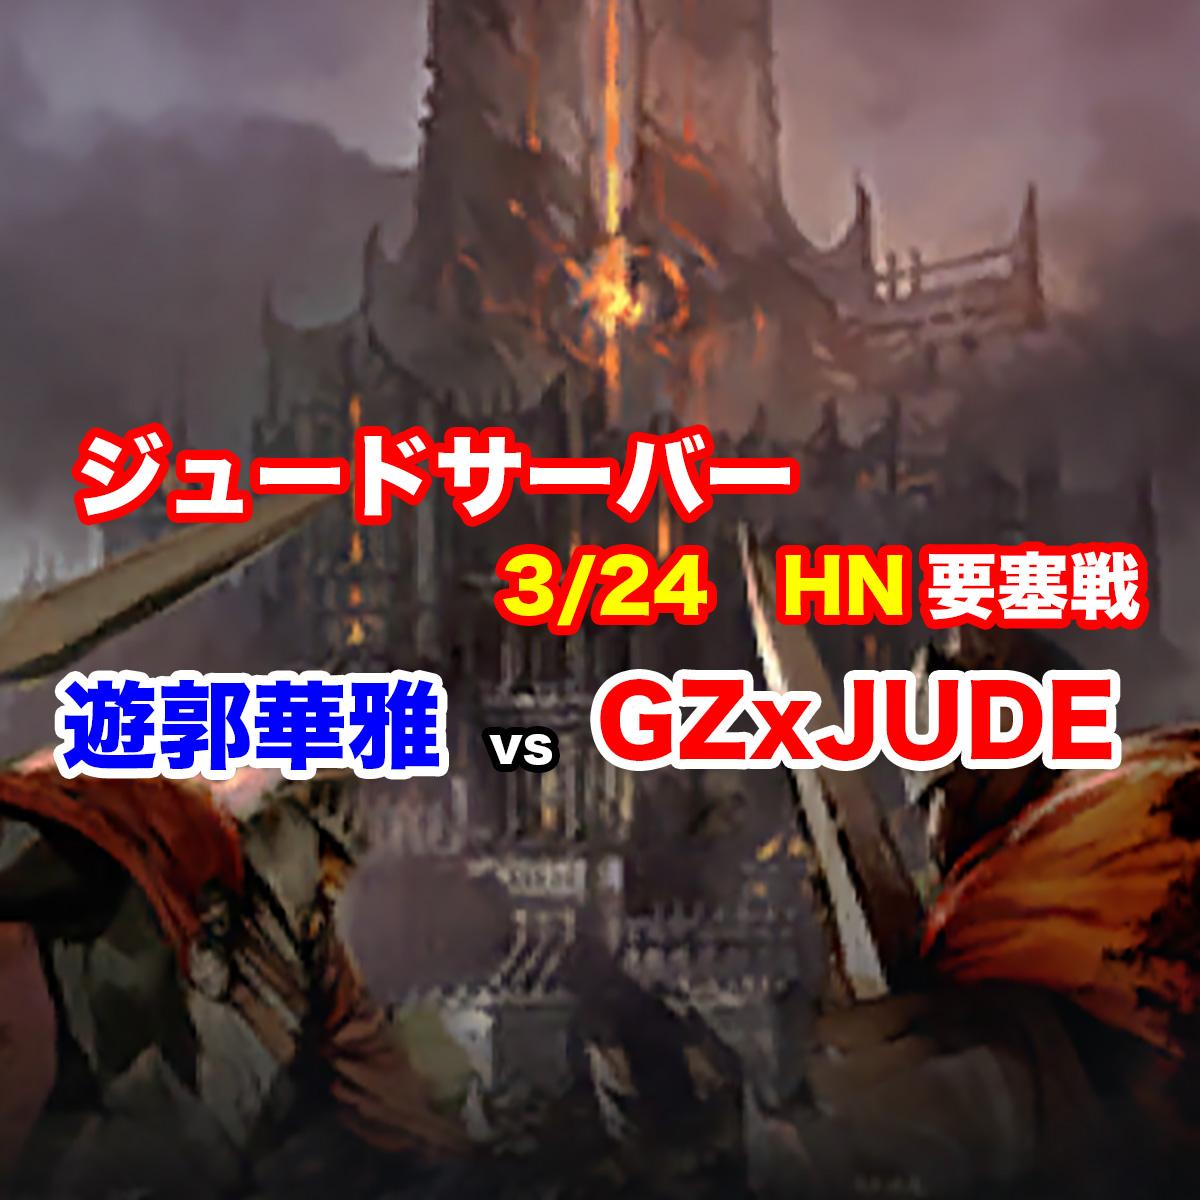 ジュードサーバー 3/24 HN要塞戦動画